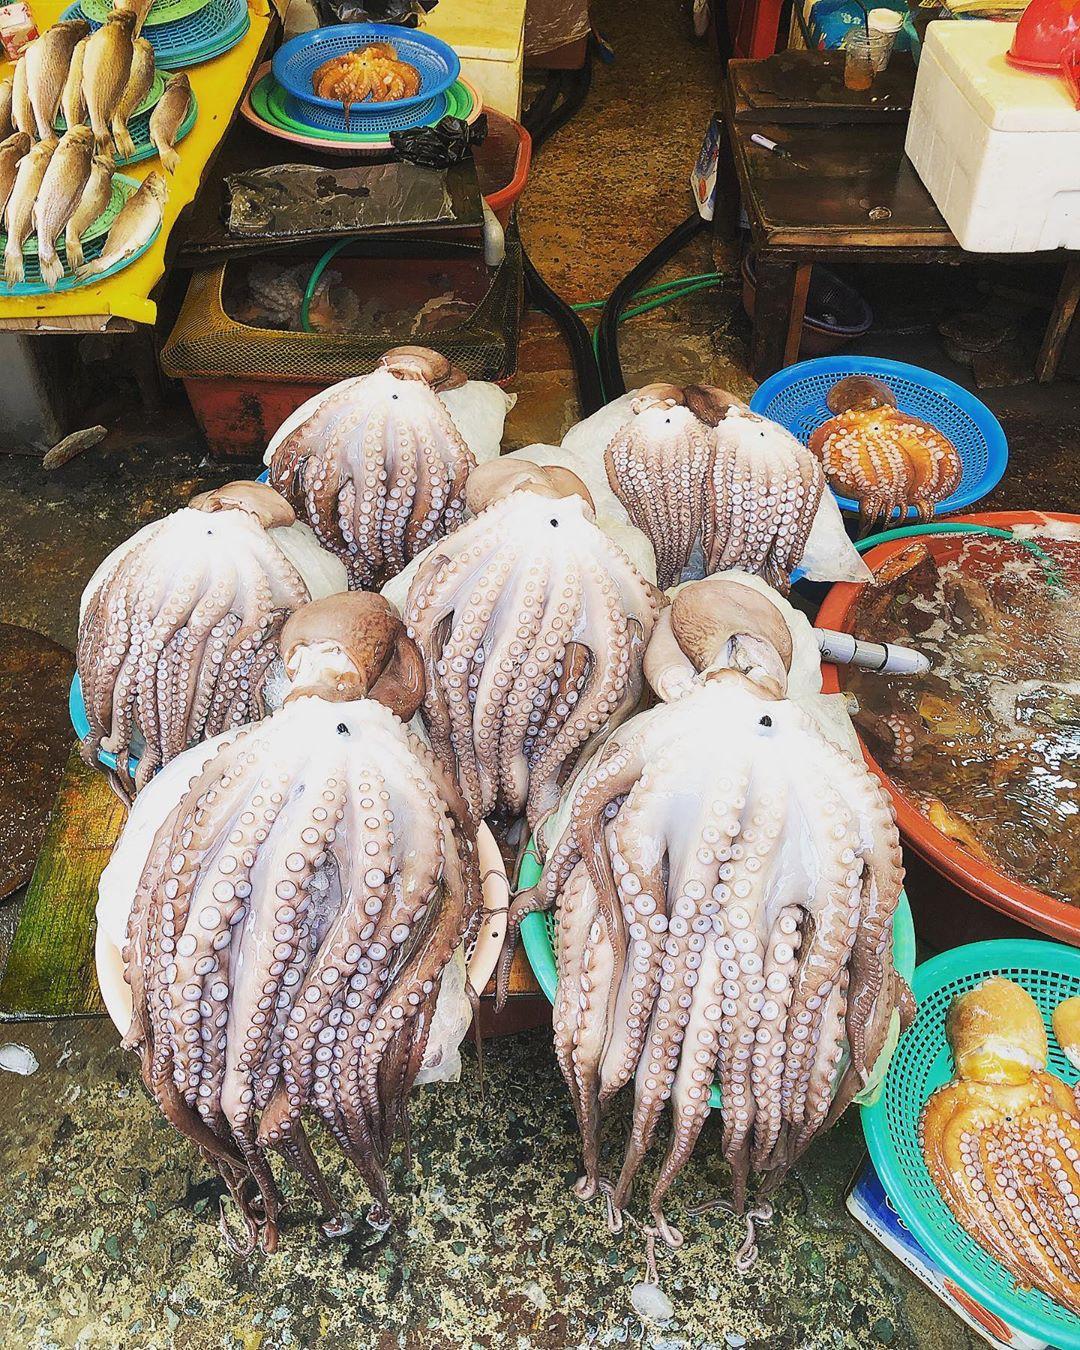 Ăn chơi phủ phê tại 4 khu chợ nổi tiếng nhất Hàn Quốc - Ảnh 7.